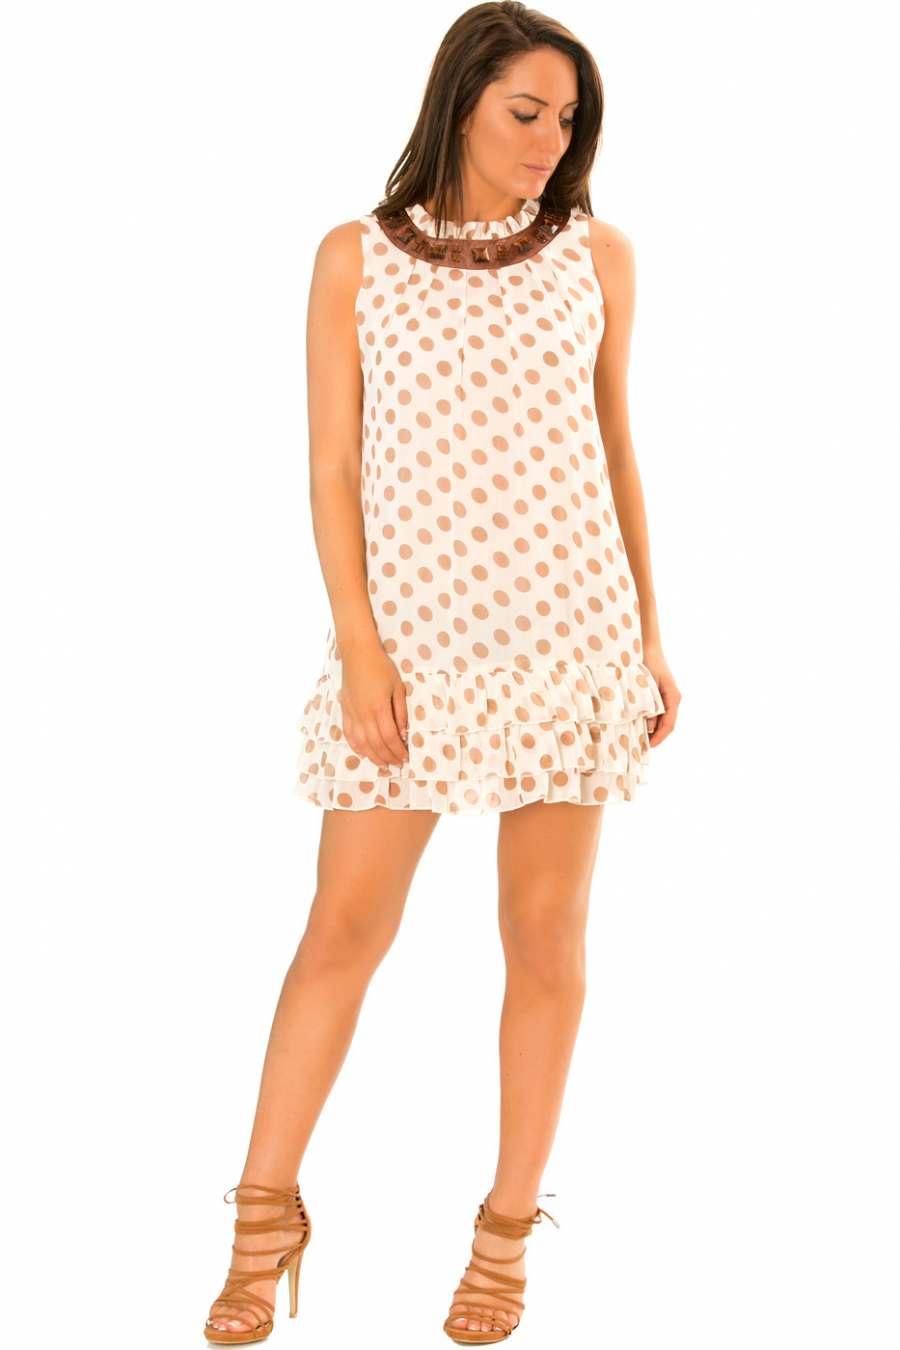 Beige doorschijnende jurk met stippen, onderaan geplooid en ronde hals. 959